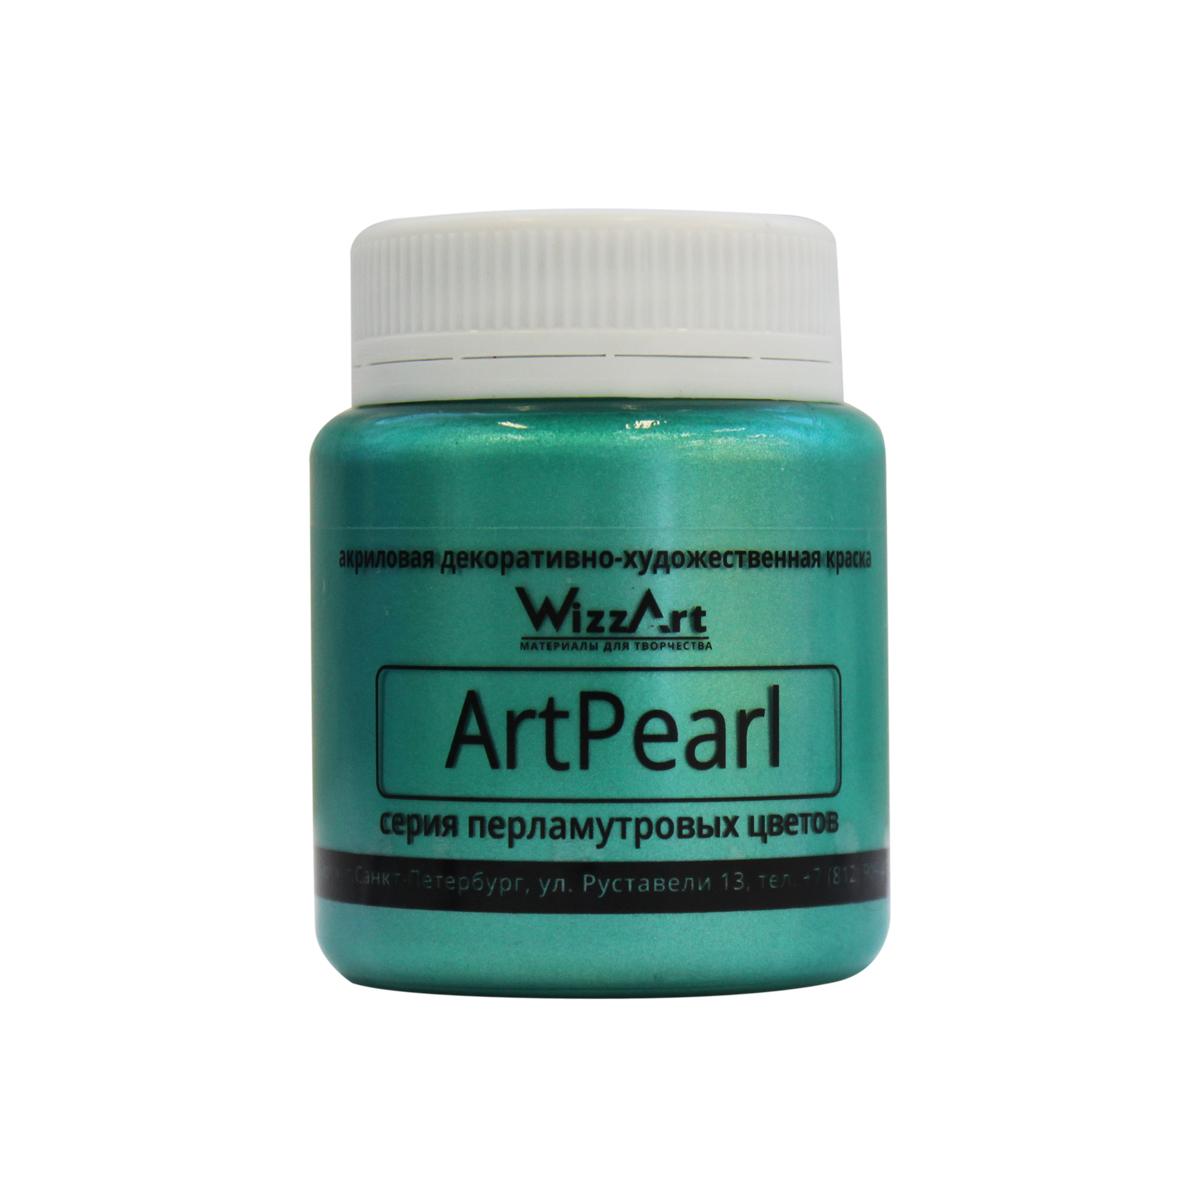 Краска акриловая Wizzart ArtPearl, цвет: зеленый, 80 мл501020Линейка акриловых красок WizzArt под названием ArtPearl- это широкий ассортимент перламутровых оттенков. Эффект перламутра помогает создать красивейшие рисунки и замечательный декор. Перламутровая акриловая краска быстро высыхает, прочно держится, создает ровную и гладкую поверхность, которая красиво переливается на свету. Ее мягкое сияние придаст изюминку любому произведению декоративно-прикладного искусства. Все краски WizzArt отлично совместимы между собой, что открывает широкие горизонты для реализации творческих идей. Ими можно декорировать посуду, открытки, рамки для фото, подарочные коробки, зеркала, елочные игрушки. Акриловые краски WizzArt обладают равномерной текстурой, отлично ложатся на любую обезжиренную поверхность и надежно держатся на ней после высыхания, надолго сохраняя яркость цвета и эластичность. Данные краски не содержат токсичных веществ и не имеют сильного запаха. Объем: 80 мл. Товар сертифицирован.